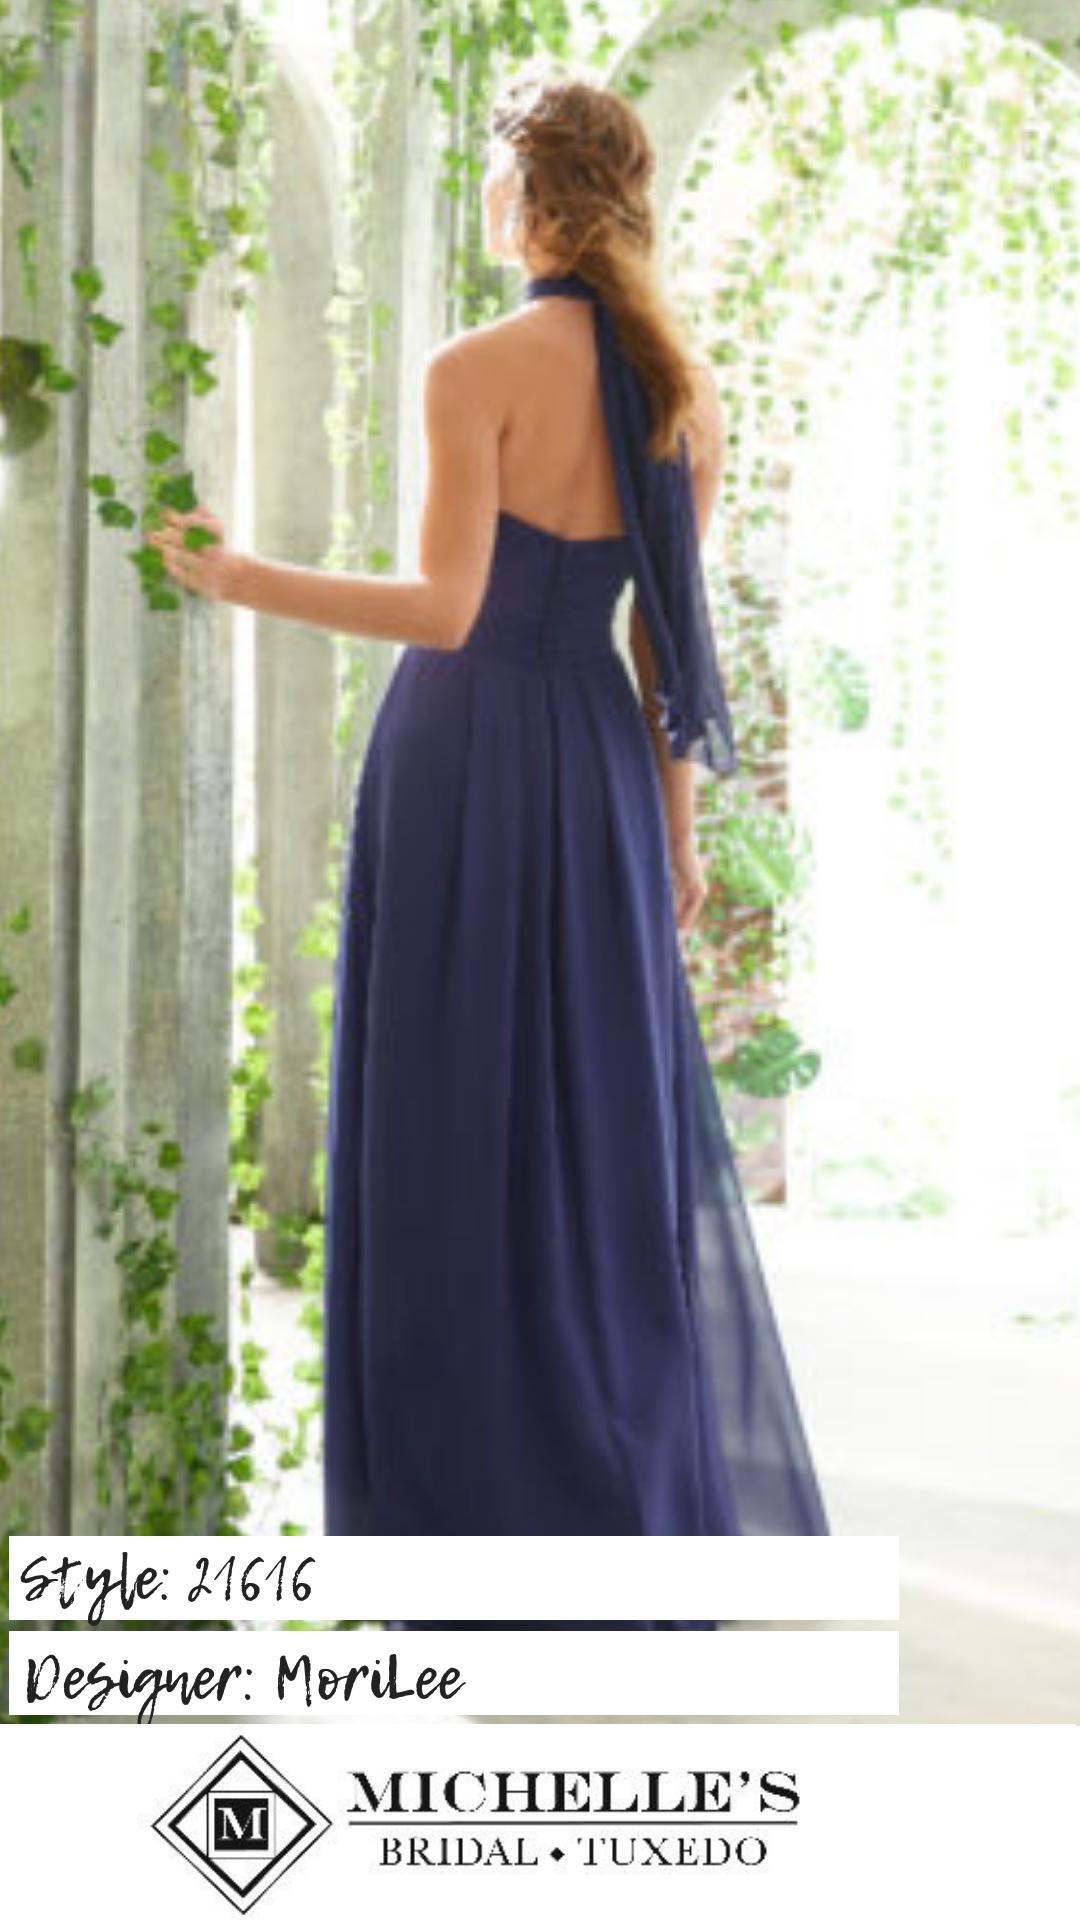 79fd245d0f8 Chiffon Bridesmaid Dress Featuring a Twist-Tie